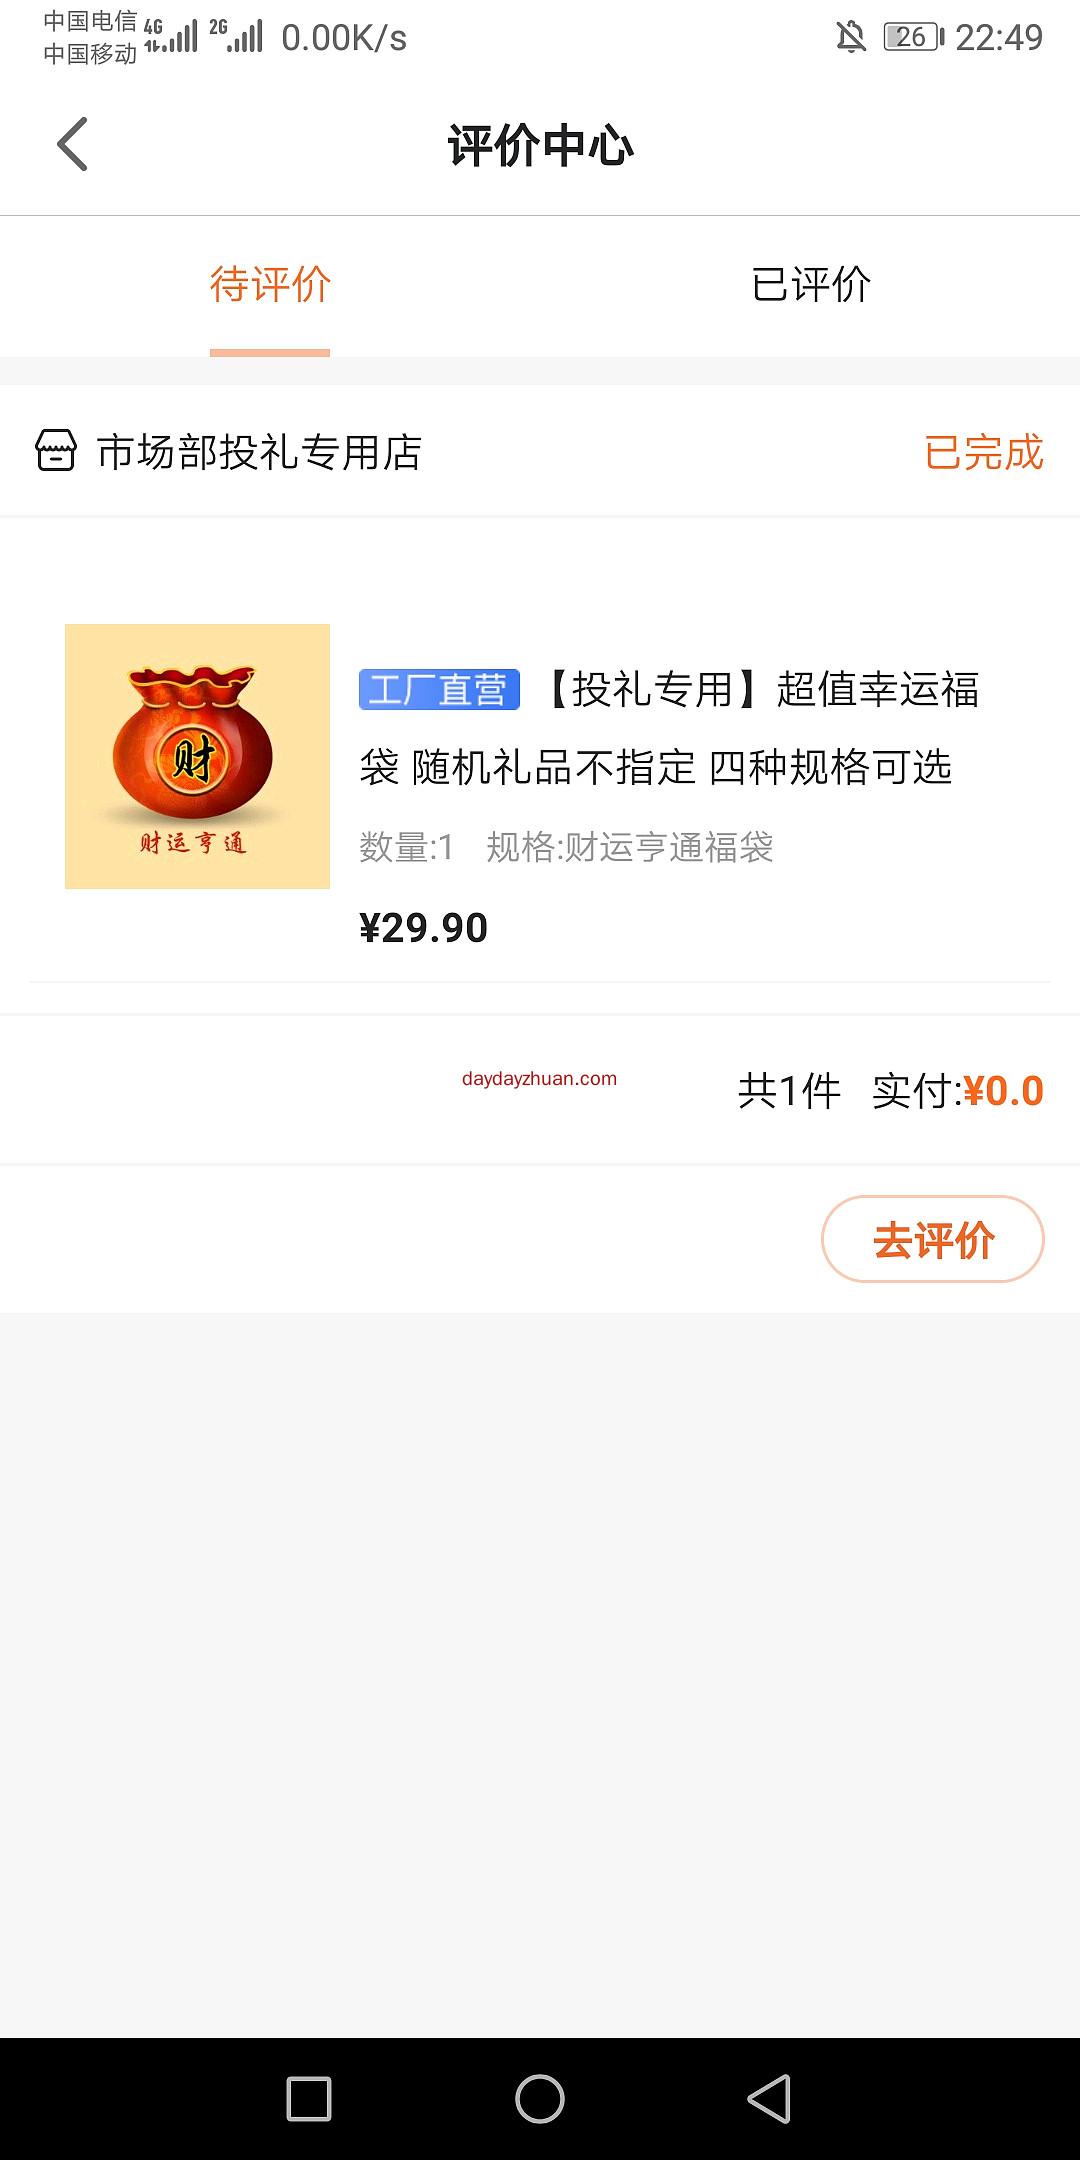 乐购广场免费领取一份大红袍怎么玩(多号多撸)  第4张